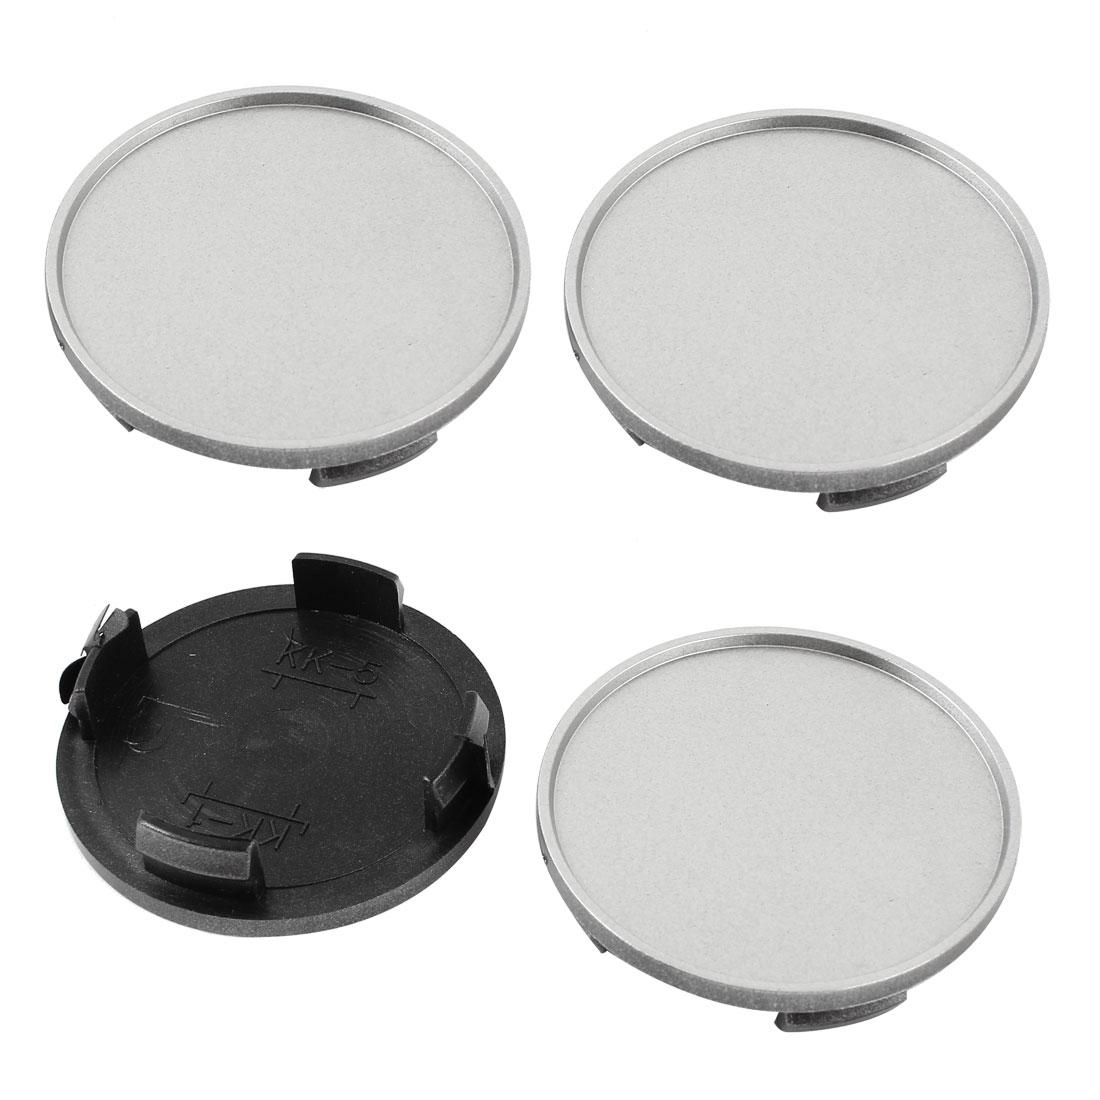 4 Pcs 60mm Dia Silver Tone Plastic Auto Car Tyre Tire Wheel Cover Oranment